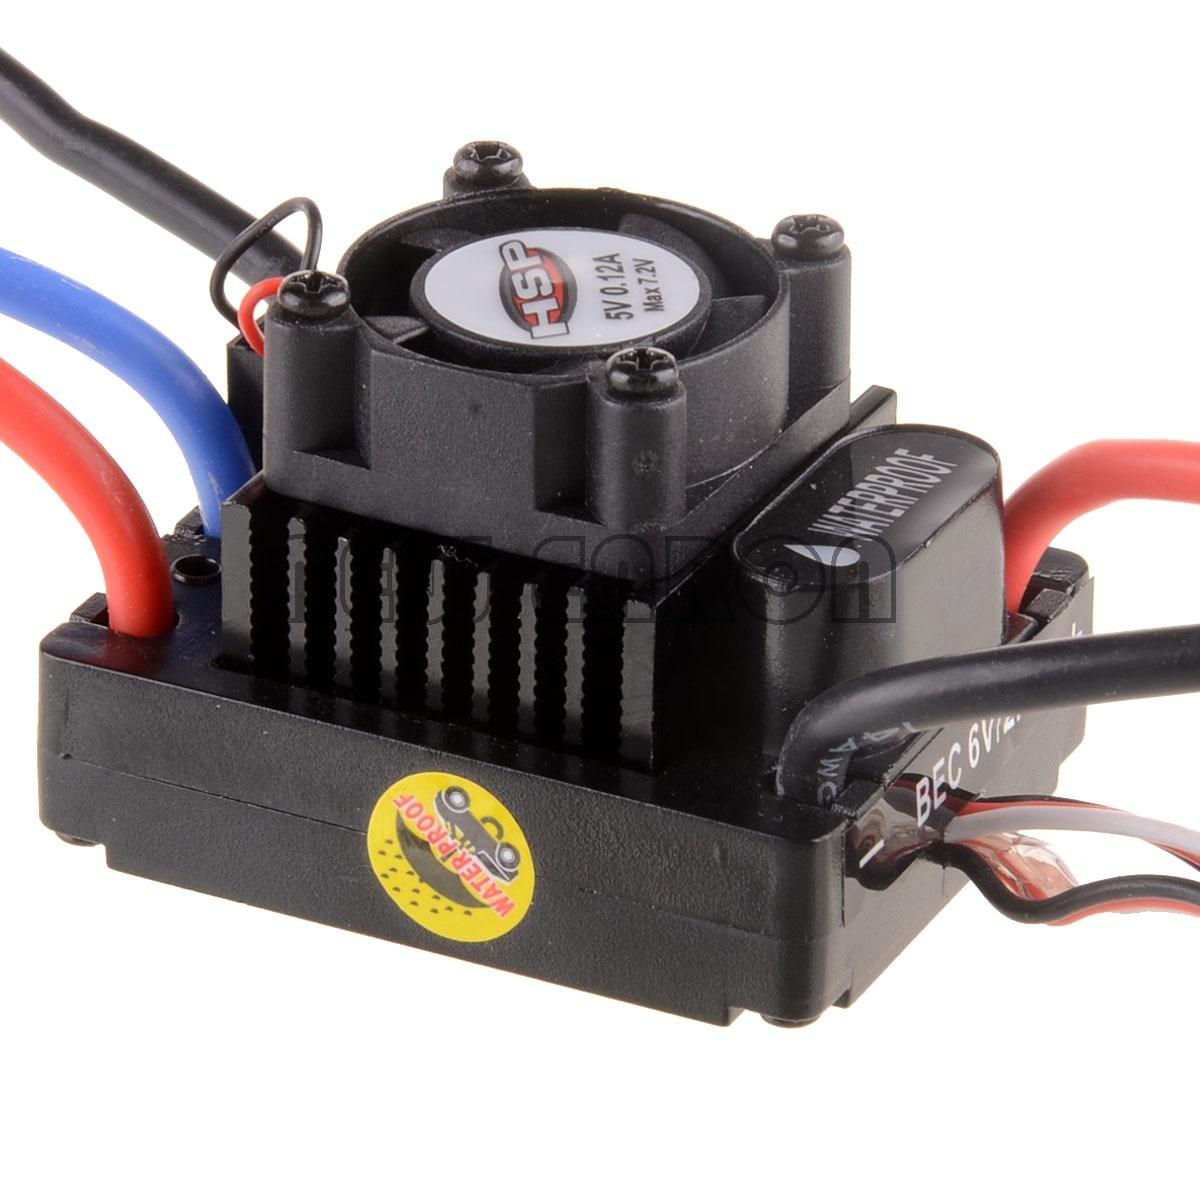 NOUVEAU ENRON RC VOITURE 1:10 Brushless ESC 45A 2-3 s Lipo 37017 (03307) s10-45A Pour HSP 1/10 RC Camion Buggy Électrique